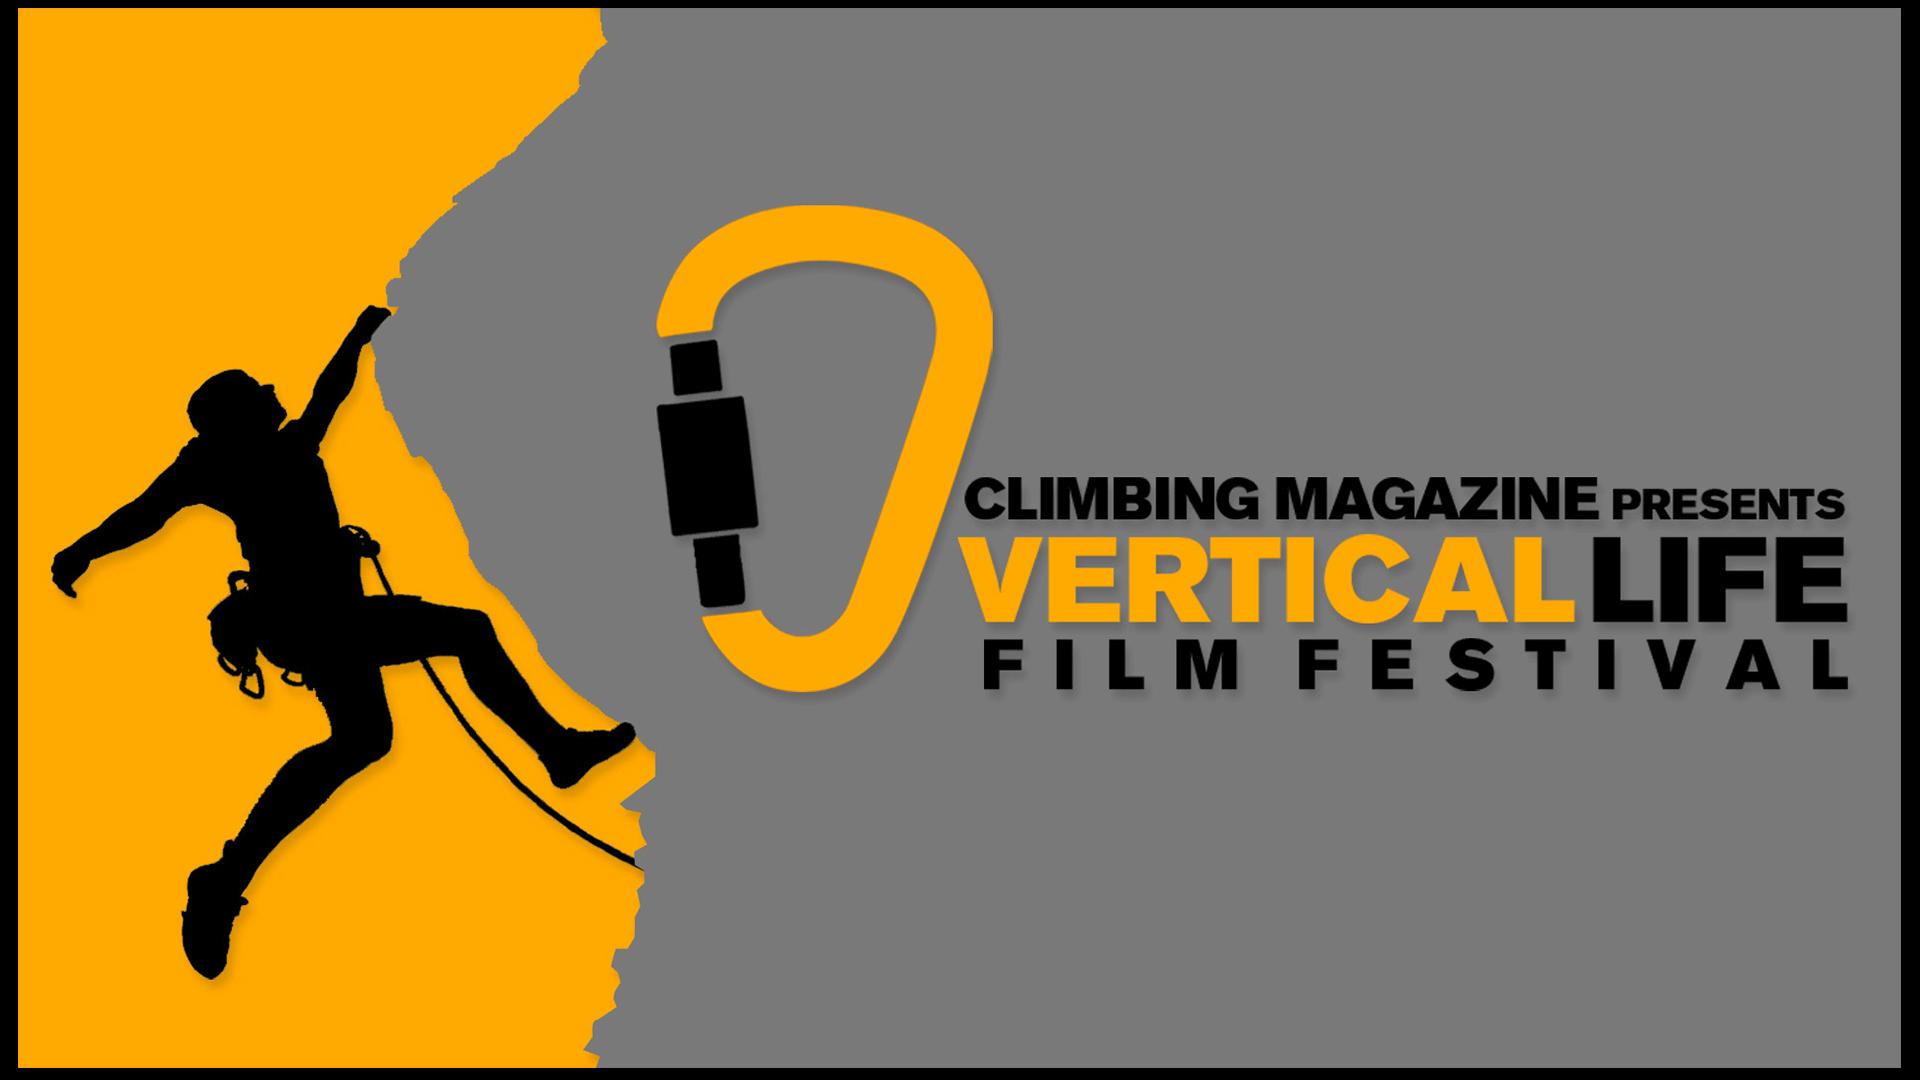 Vertical Life Film Festival